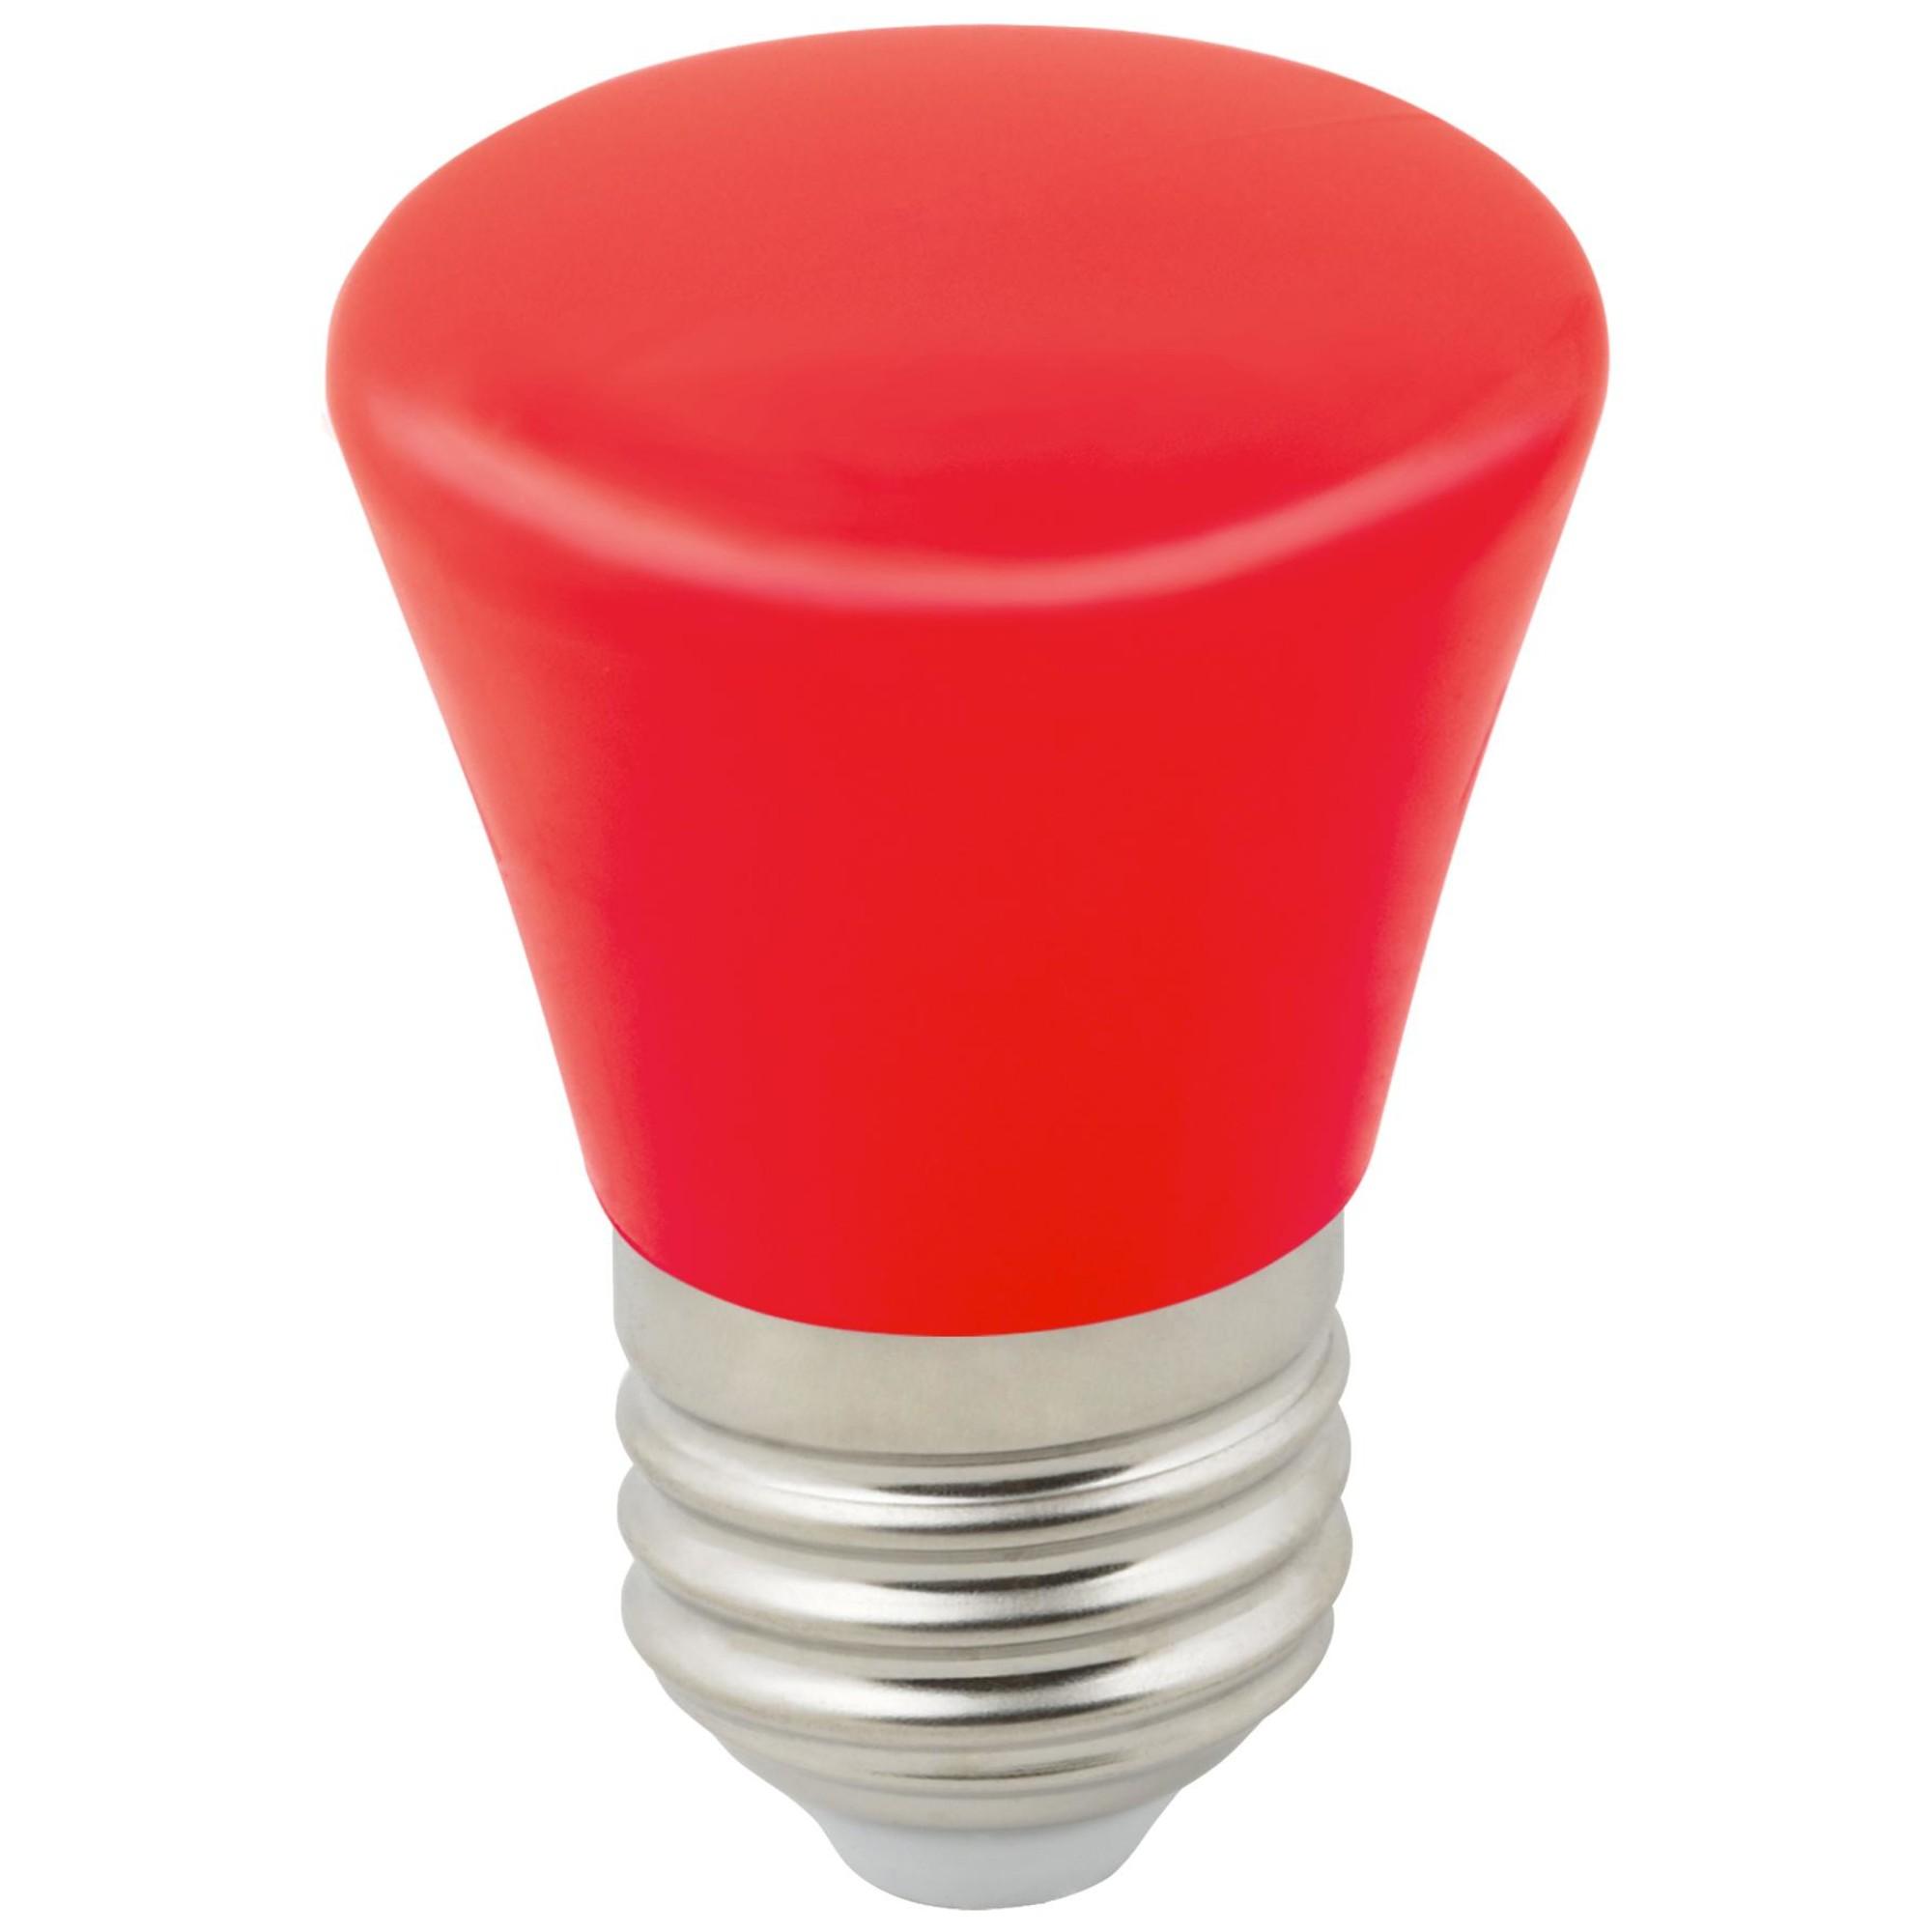 Лампа светодиодная Volpe Décor Color E27 колокольчик  Лм 1 Вт красный